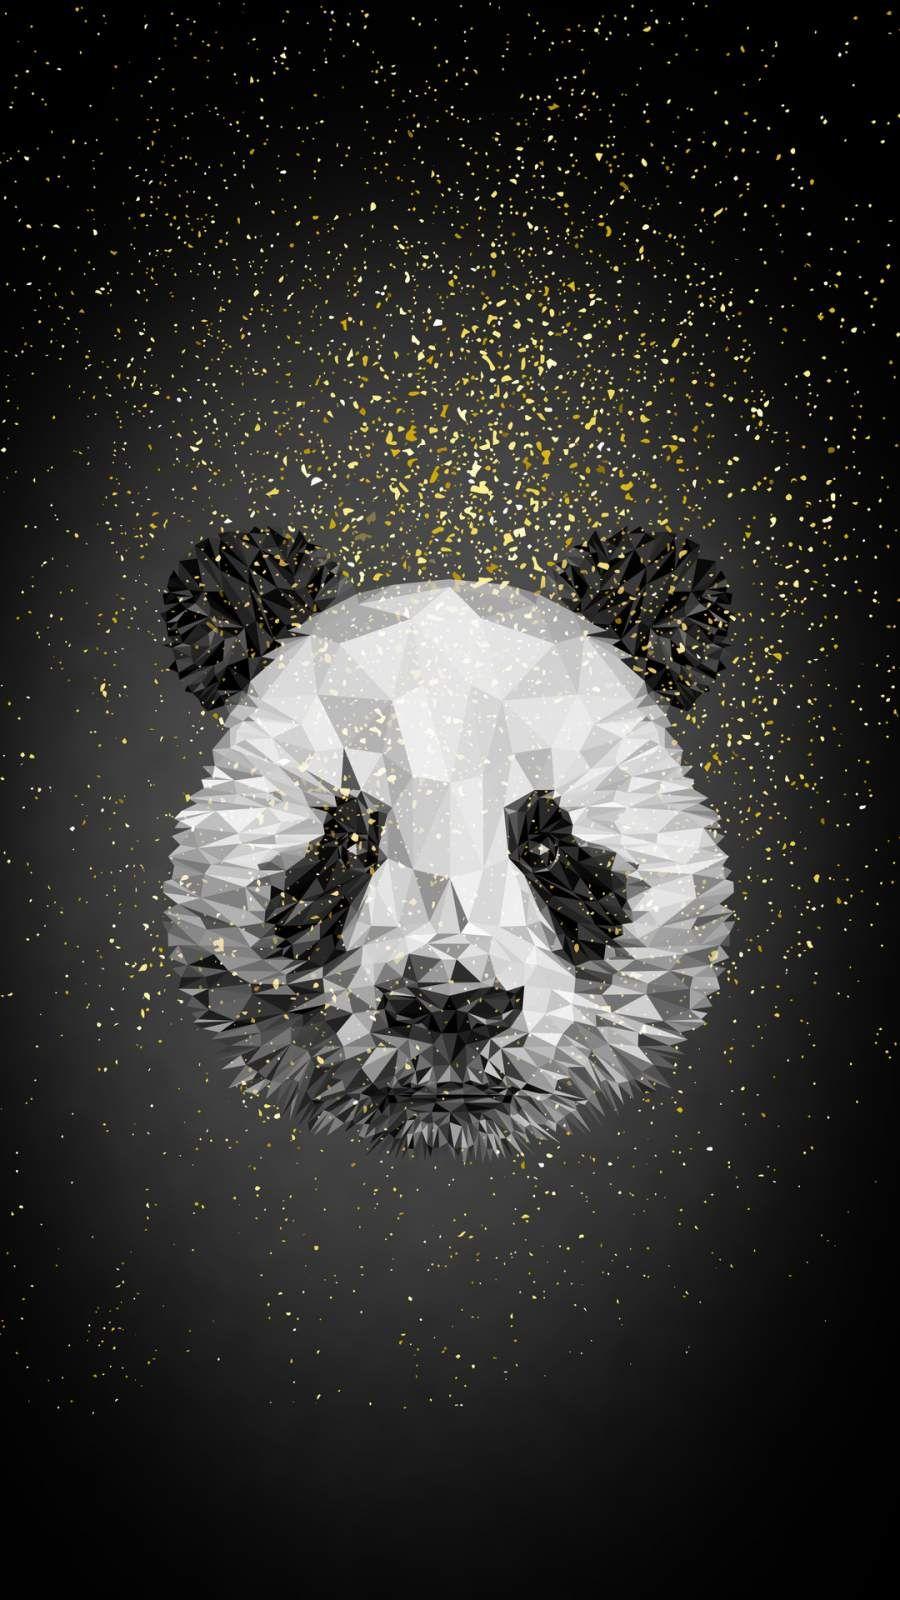 Panda Low Poly iPhone Wallpaper Panda wallpaper iphone